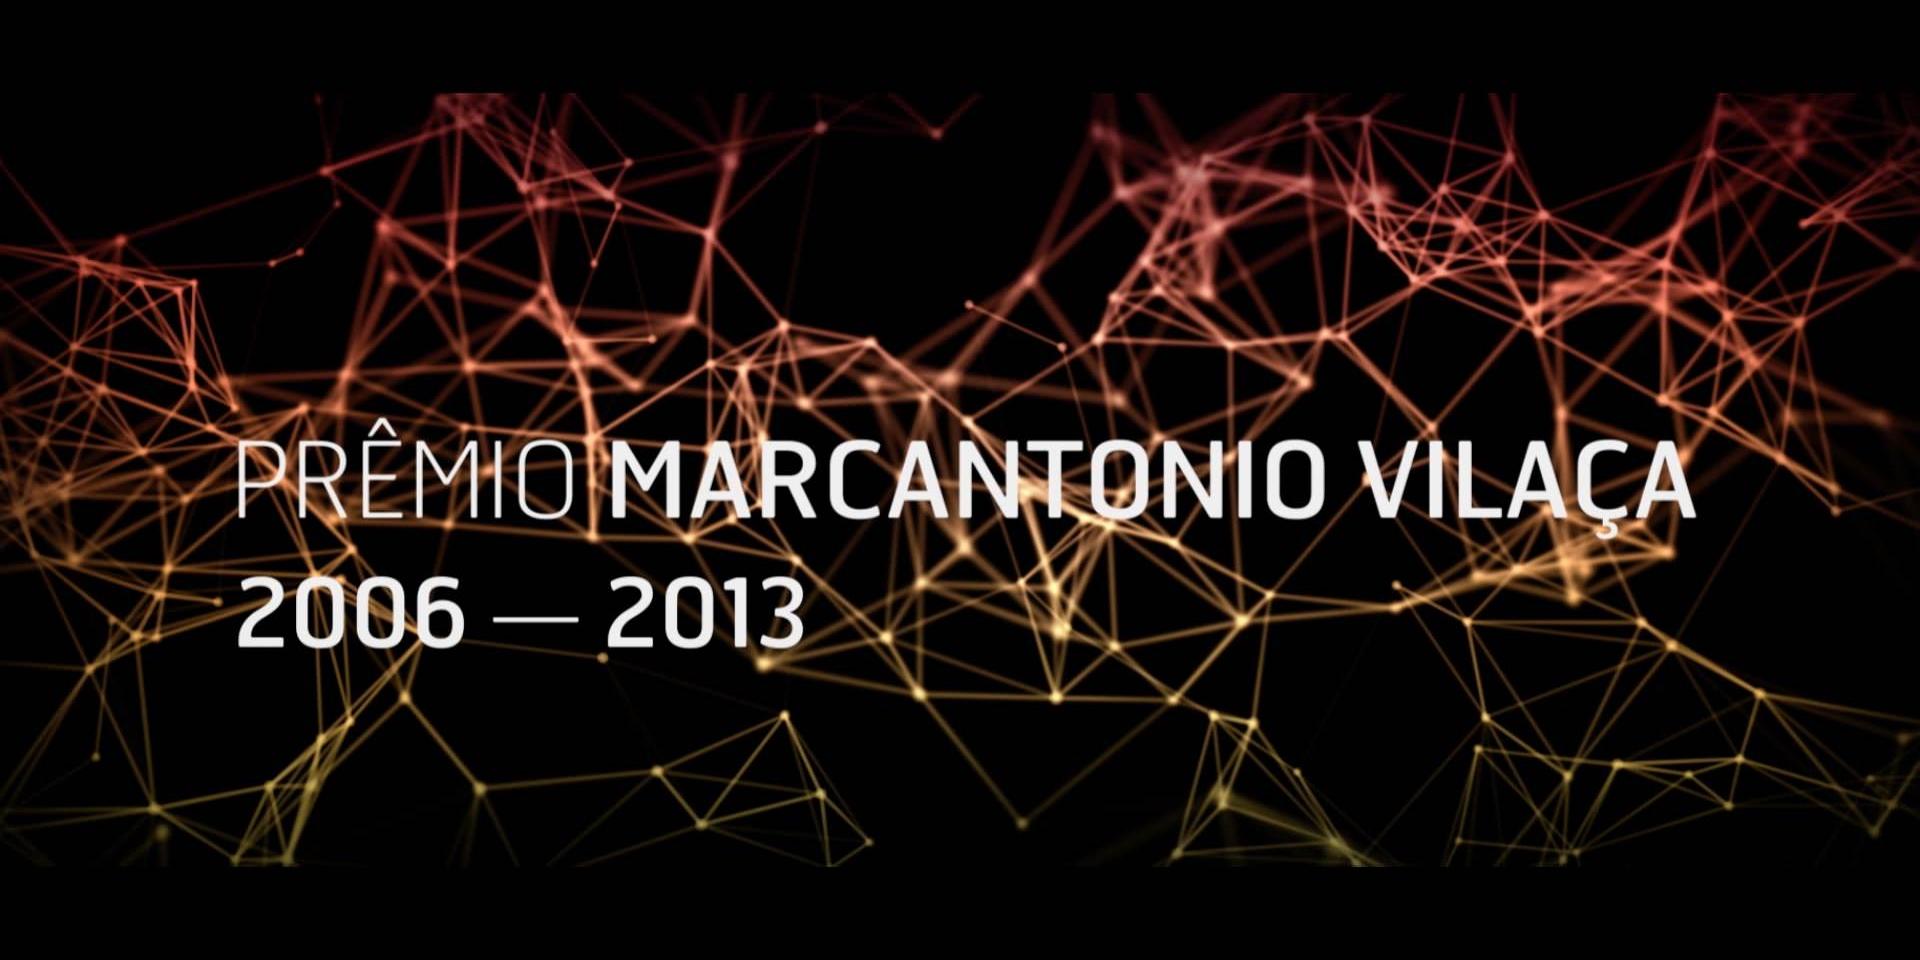 Retrospectiva Prêmio Marcantonio Vilaça